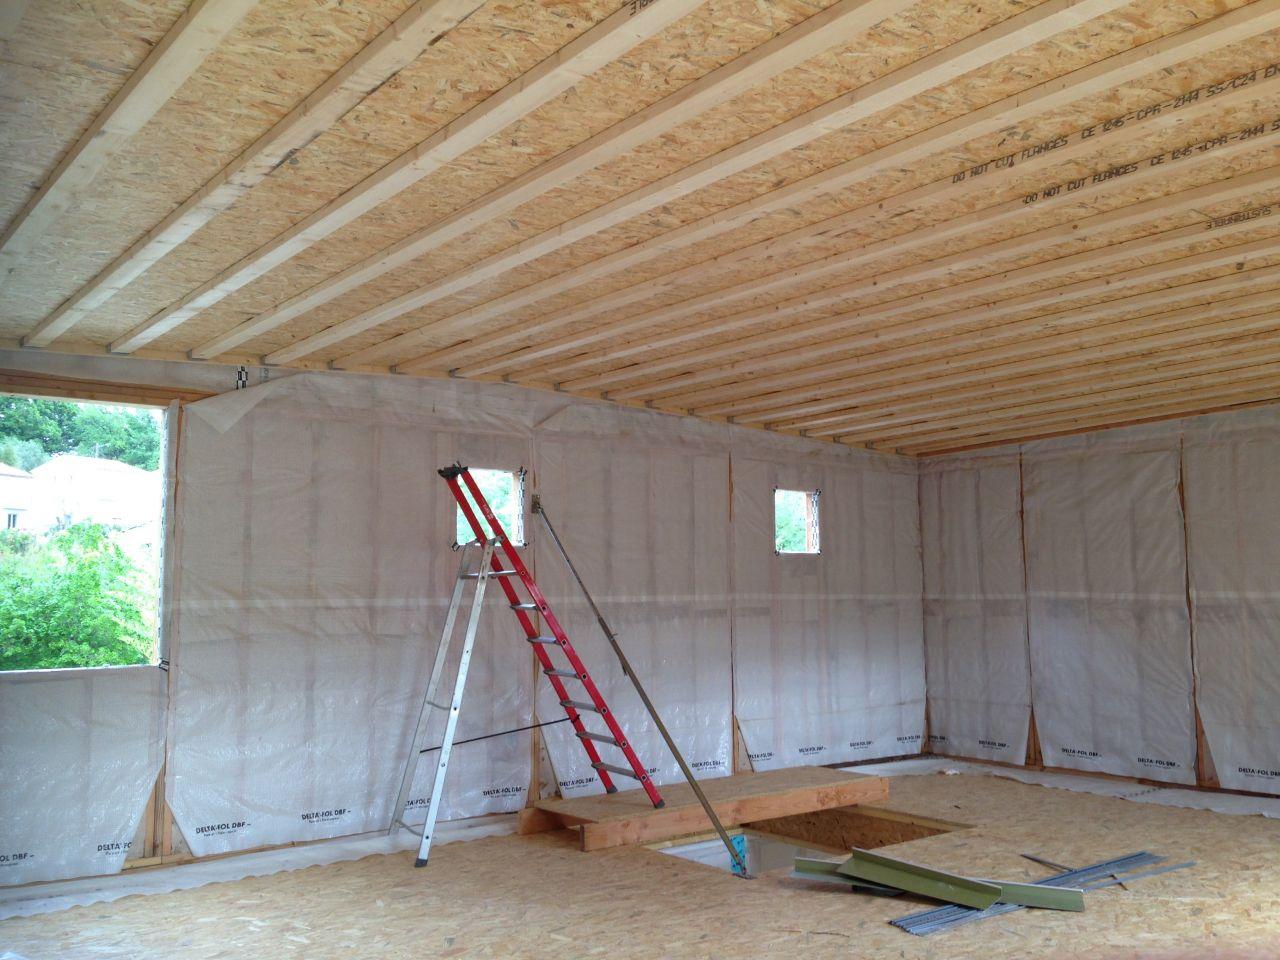 Couverture du 1er étage finie avec isolation ouate de cellulose placée. Il y aura ensuite le faux plafond avec l'espace technique.